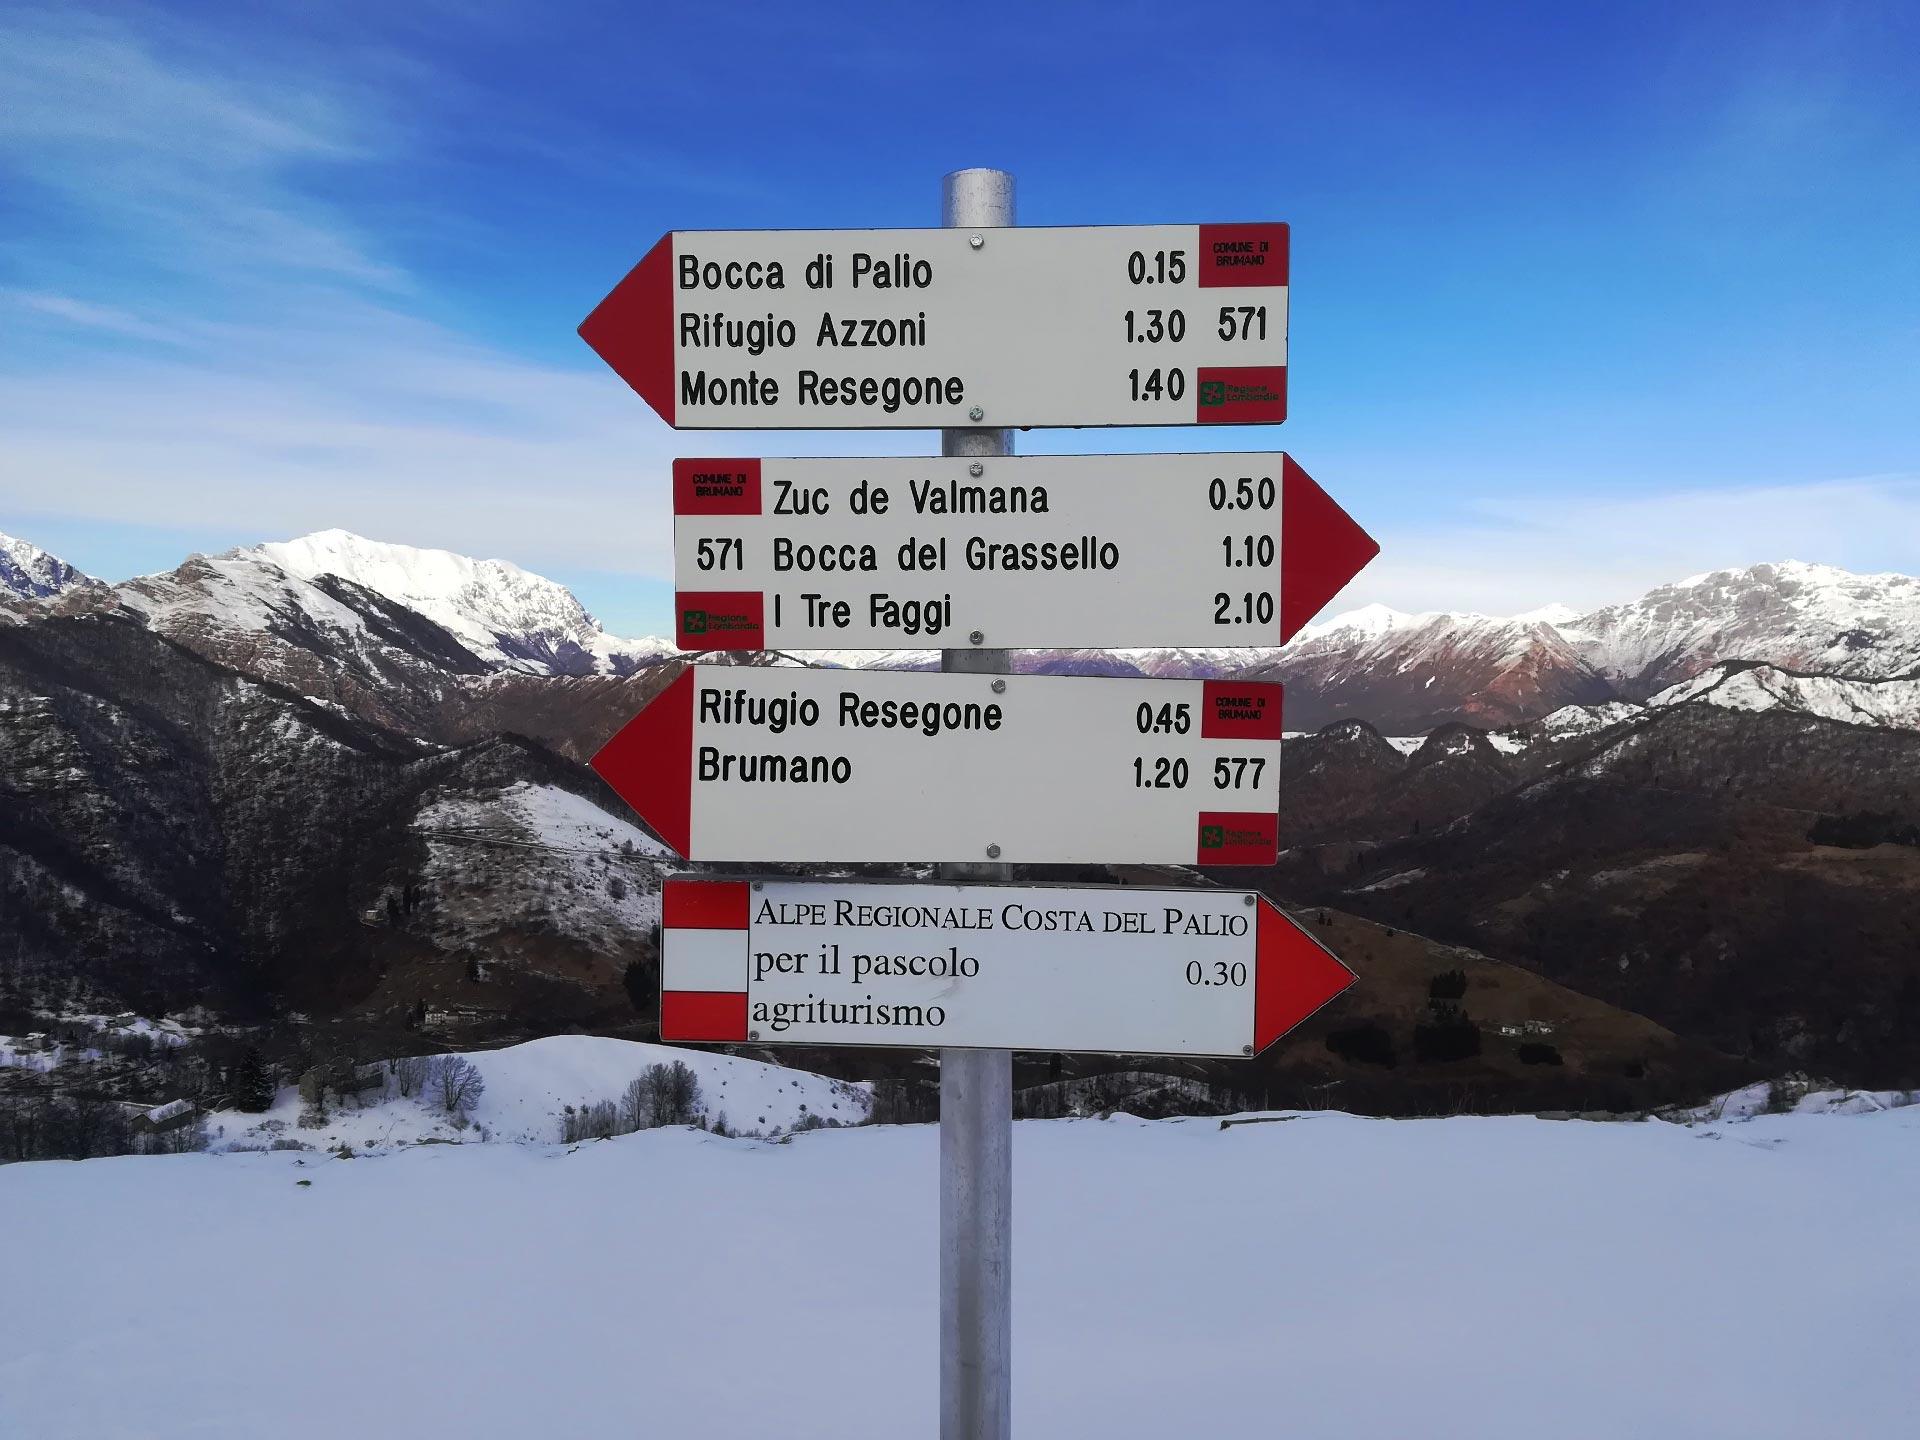 indicazioni itinerari Morterone, sullo sfondo le montagne valsassinsei, Lecco, Lombardia